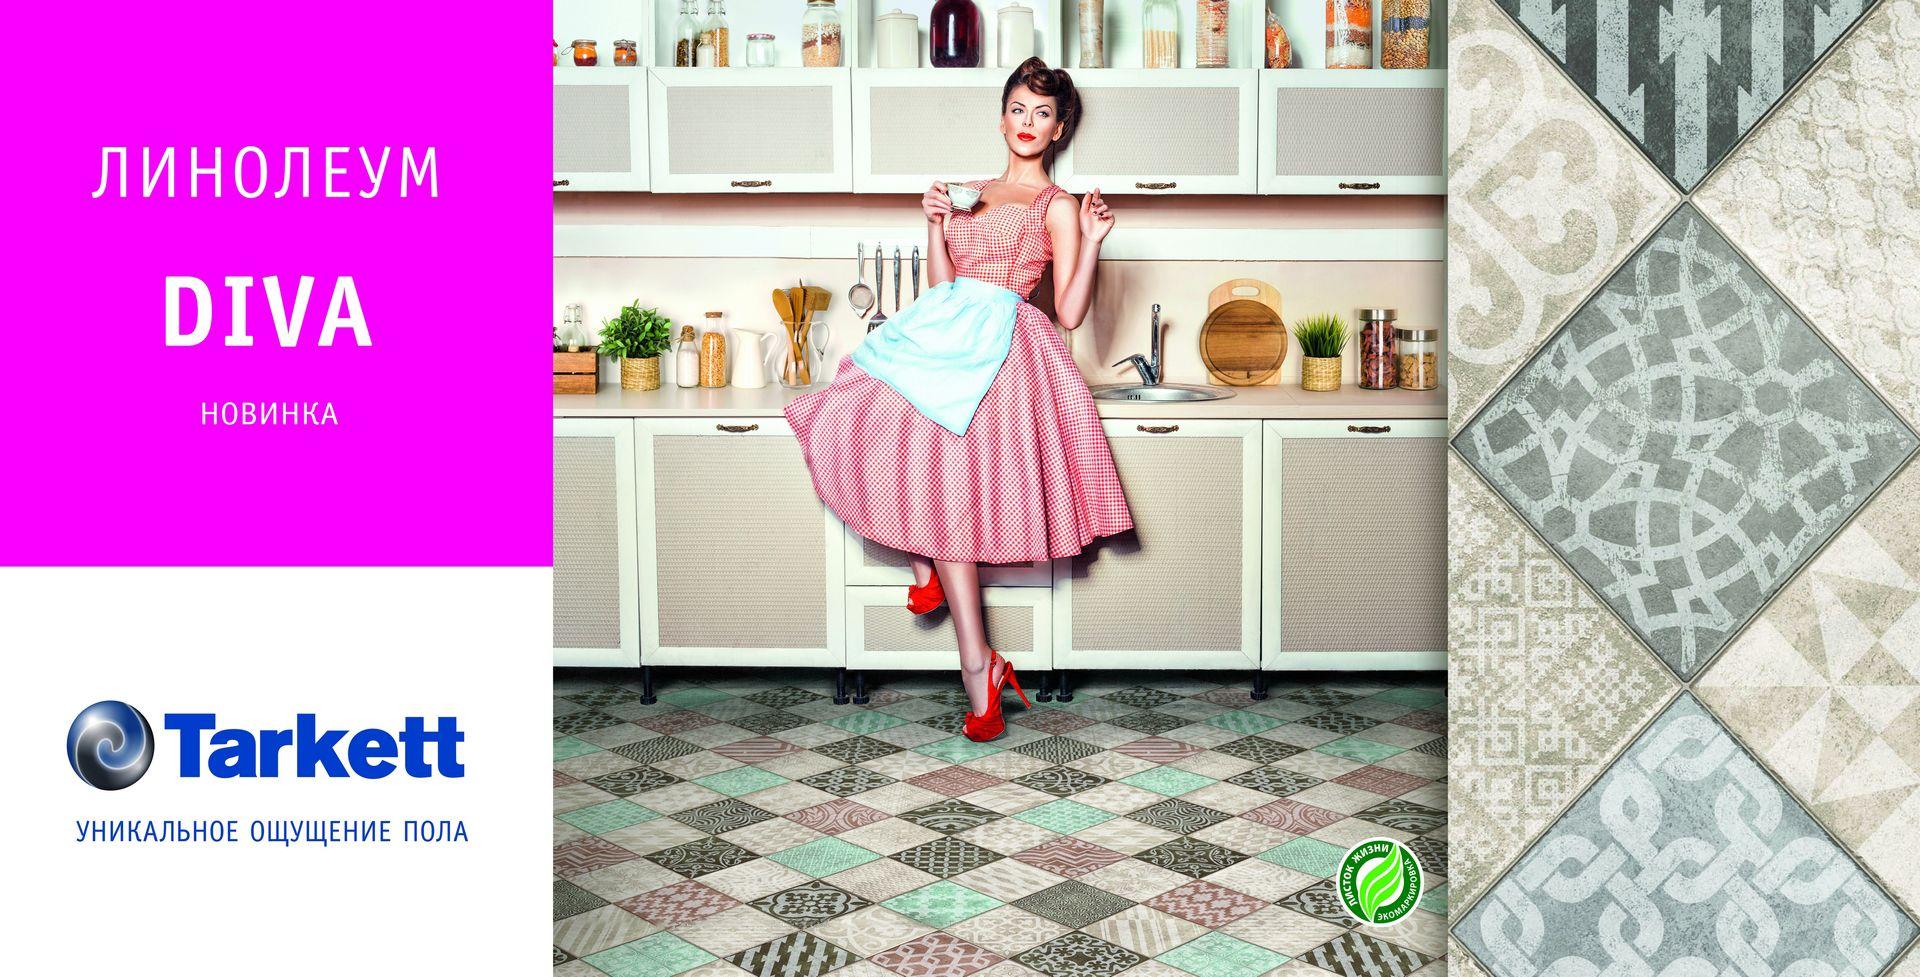 Купить линолеум Tarkett Diva в Майкопе по низким ценам